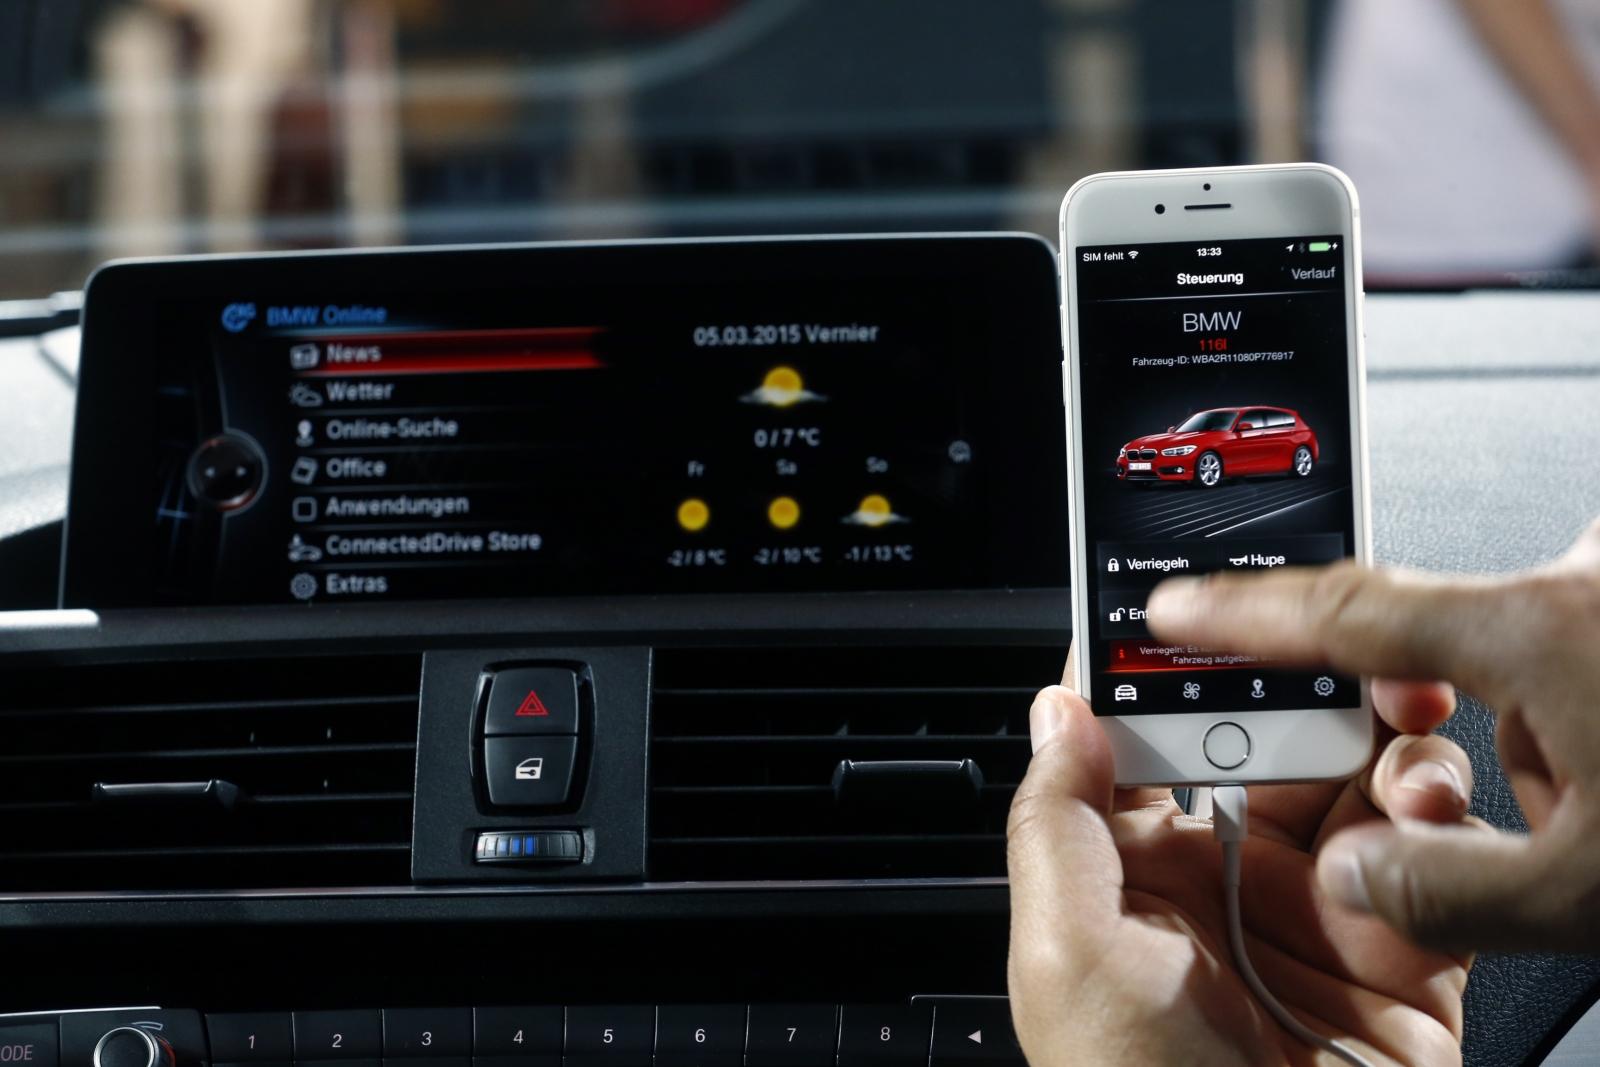 BMW remote lock car thief